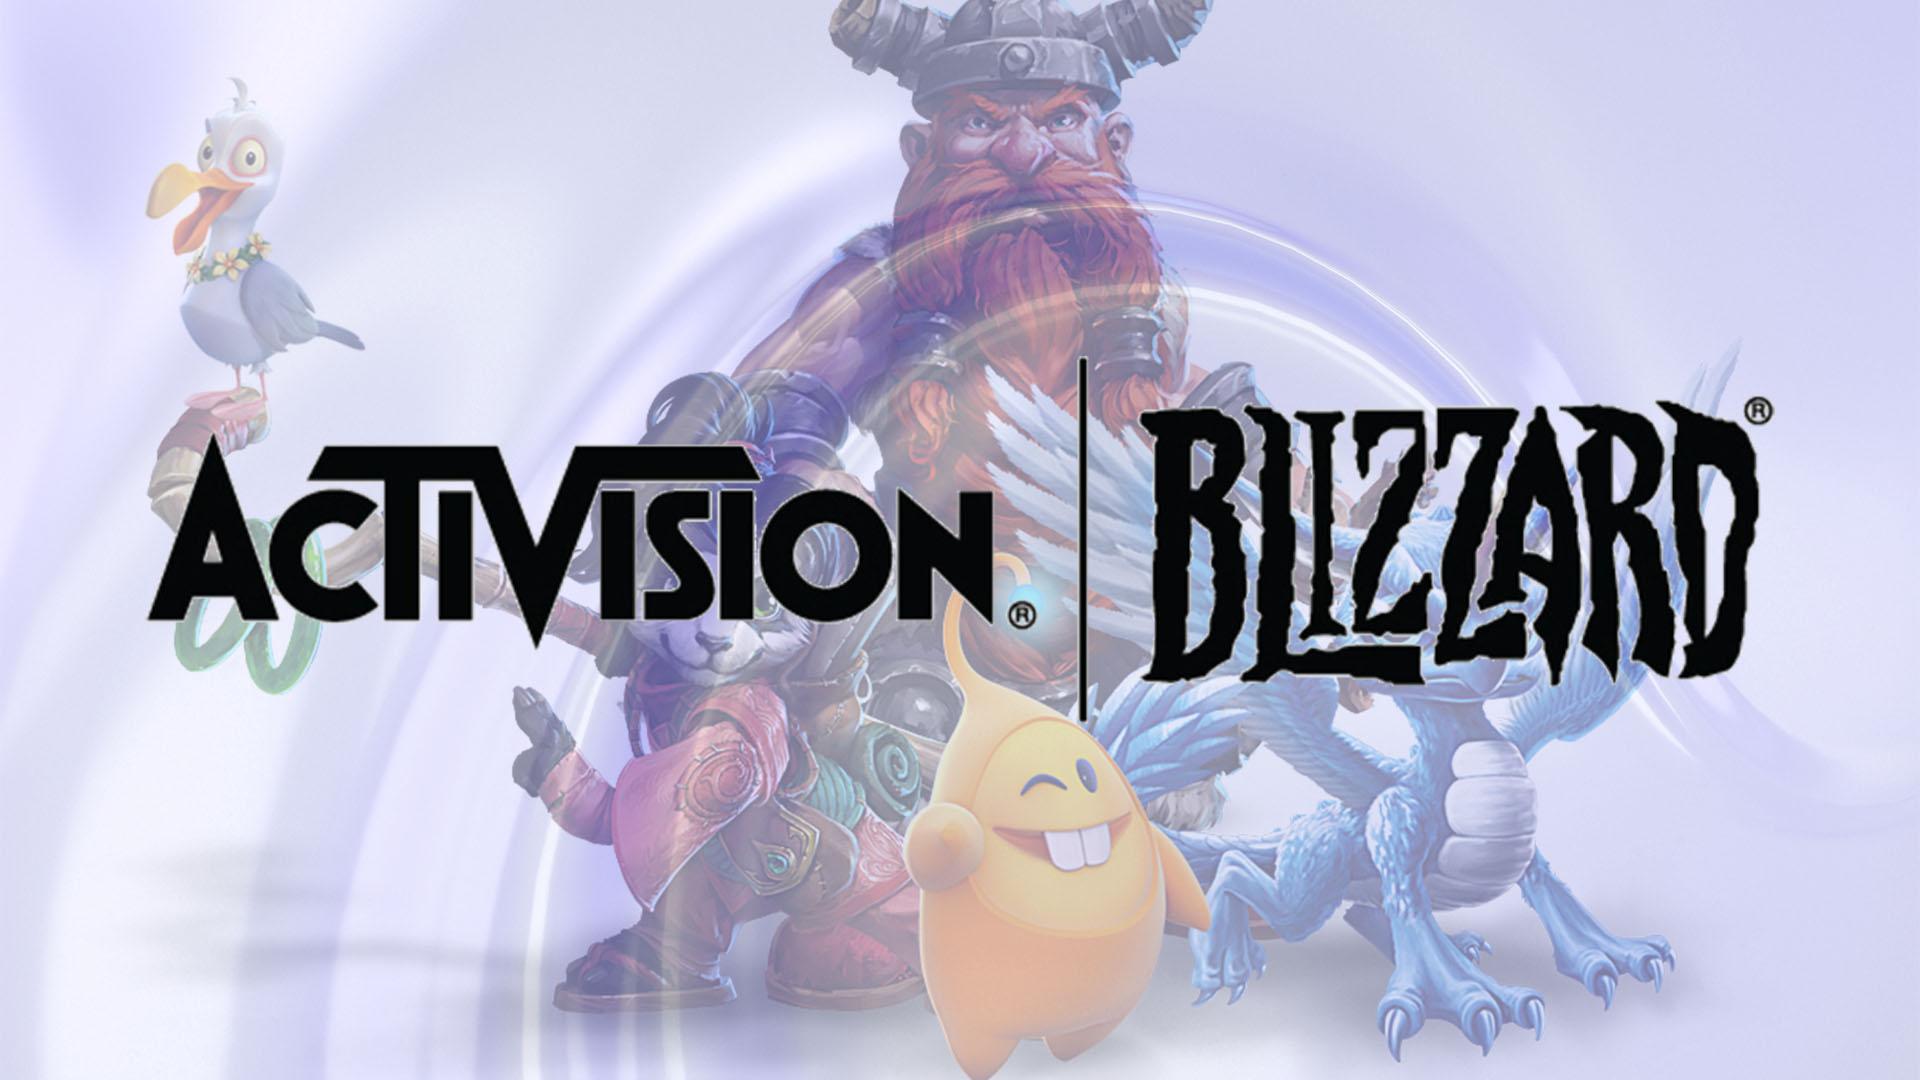 Spiele, Activision, Videospiele, Activision Blizzard, Computerspiele, Publisher, Verleger, Game Publisher, Spiele Publisher